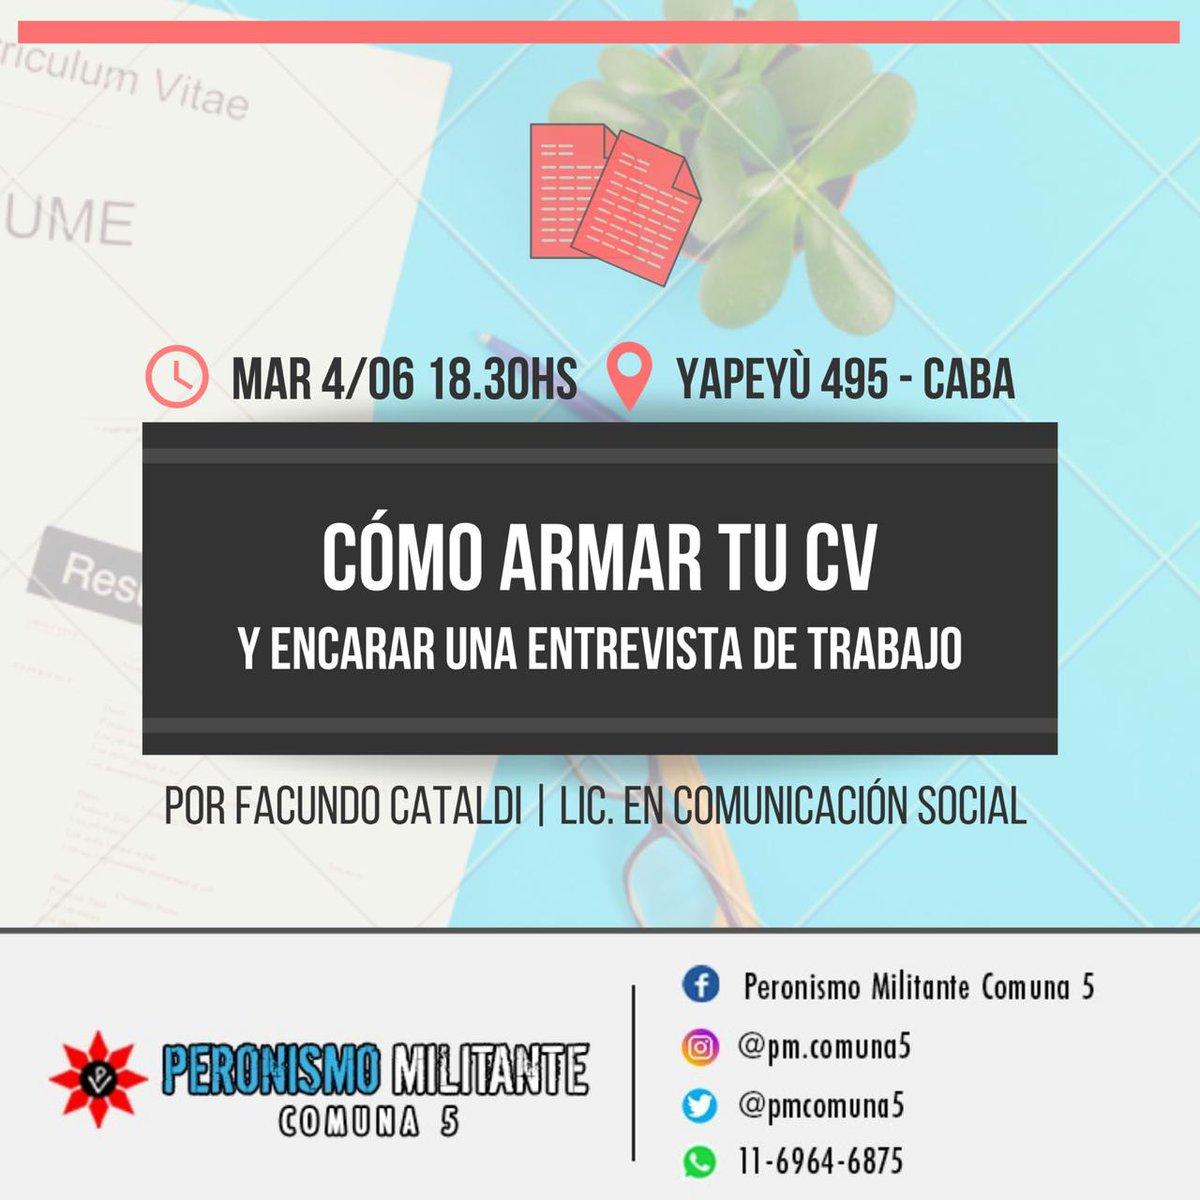 #MAÑANA | CÓMO ARMAR TU CV Y ENCARAR UNA ENTREVISTA DE TRABAJO  Lxs esperamos mañana en este taller, a cargo de @FacuCataldi , Lic. en Comunicación Social ! No se lo pierdan! . . #cv #entrevistalaboral #trabajo #taller #almagro #boedo #comuna5  #peronismomilitante #pmcabapic.twitter.com/Tt2cqJVuC5